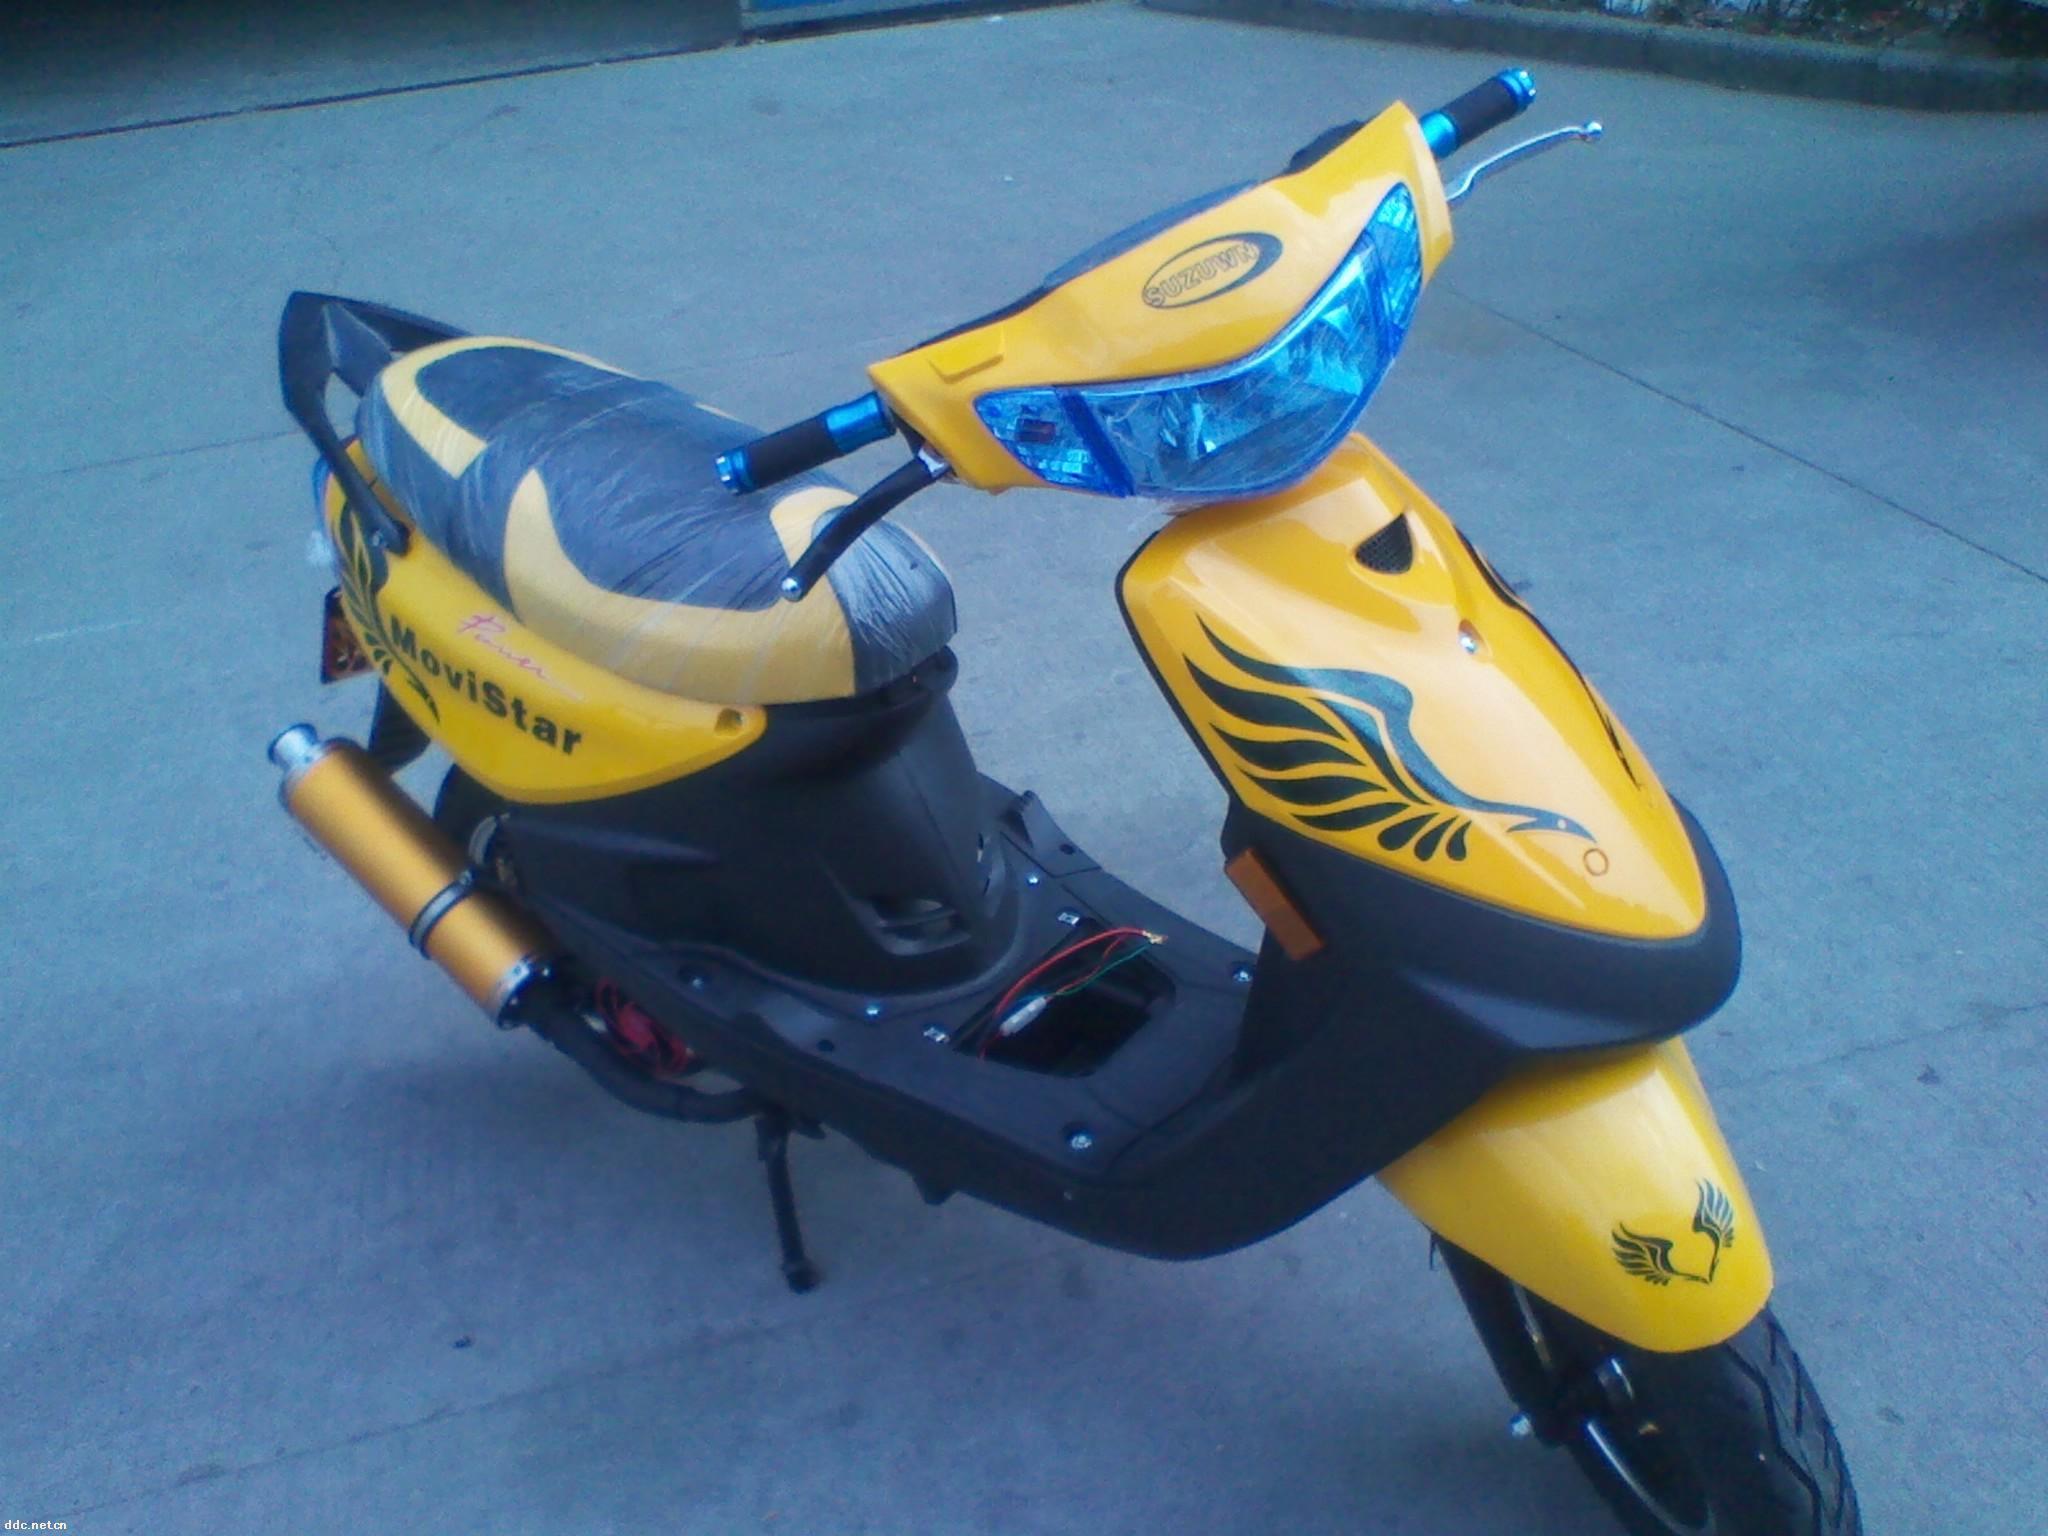 嘉陵本田牌巧格款电动摩托车